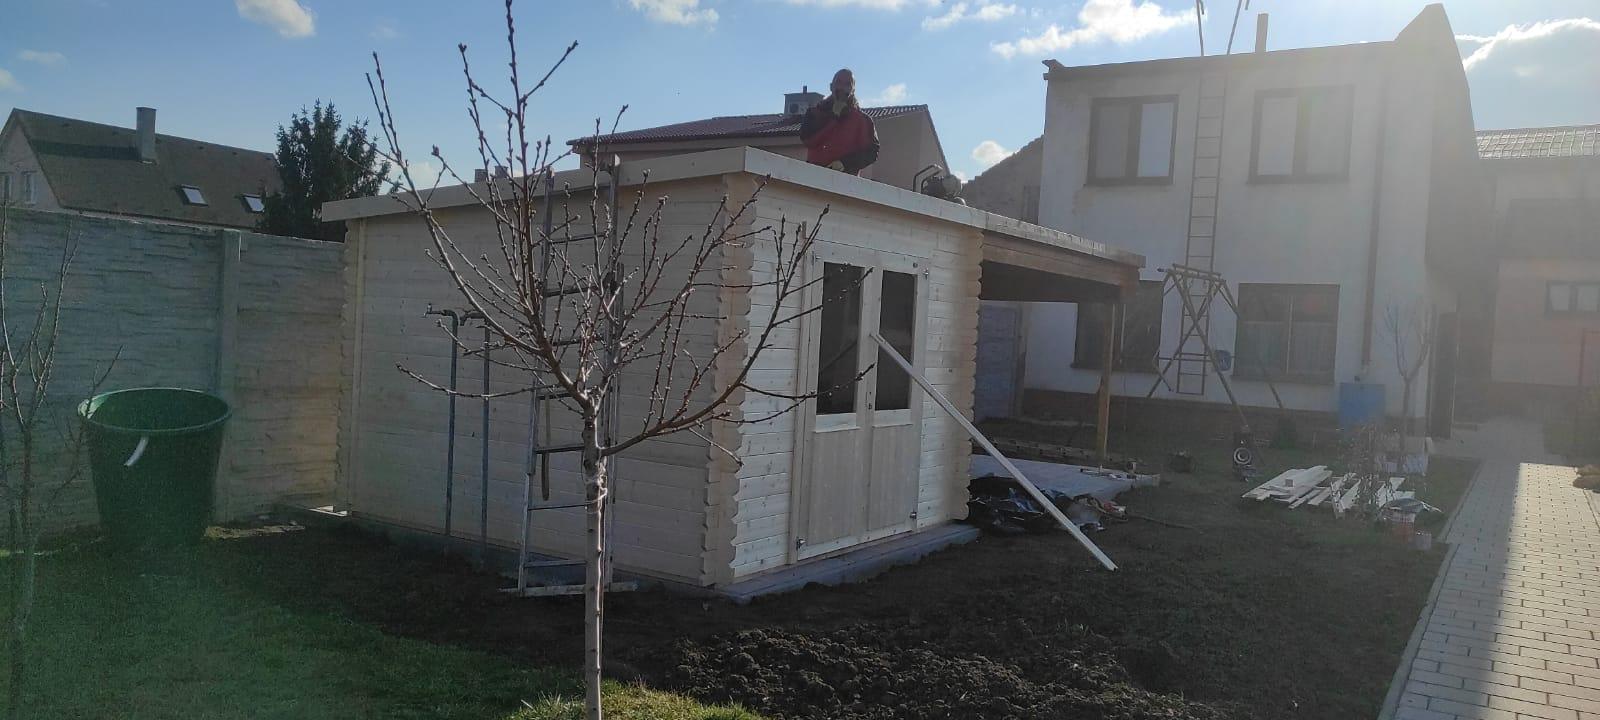 Záhradný domček ST.Louis. Jednoduché a praktické riešenie. prevedenie 28mm. Nájdete na stránke: https://www.drevo-domy.eu/ - Obrázok č. 2